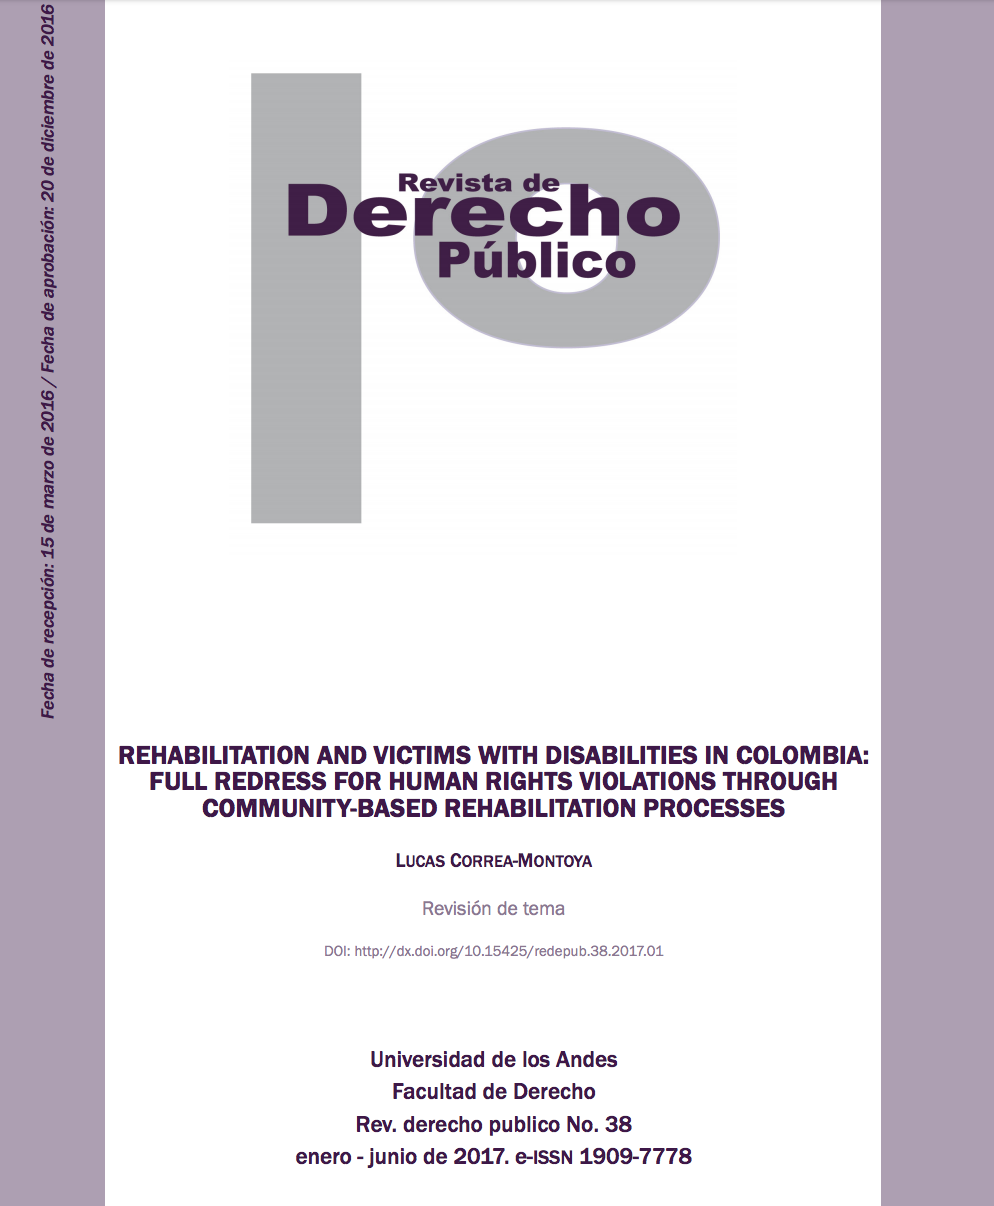 Revista Derecho Publico